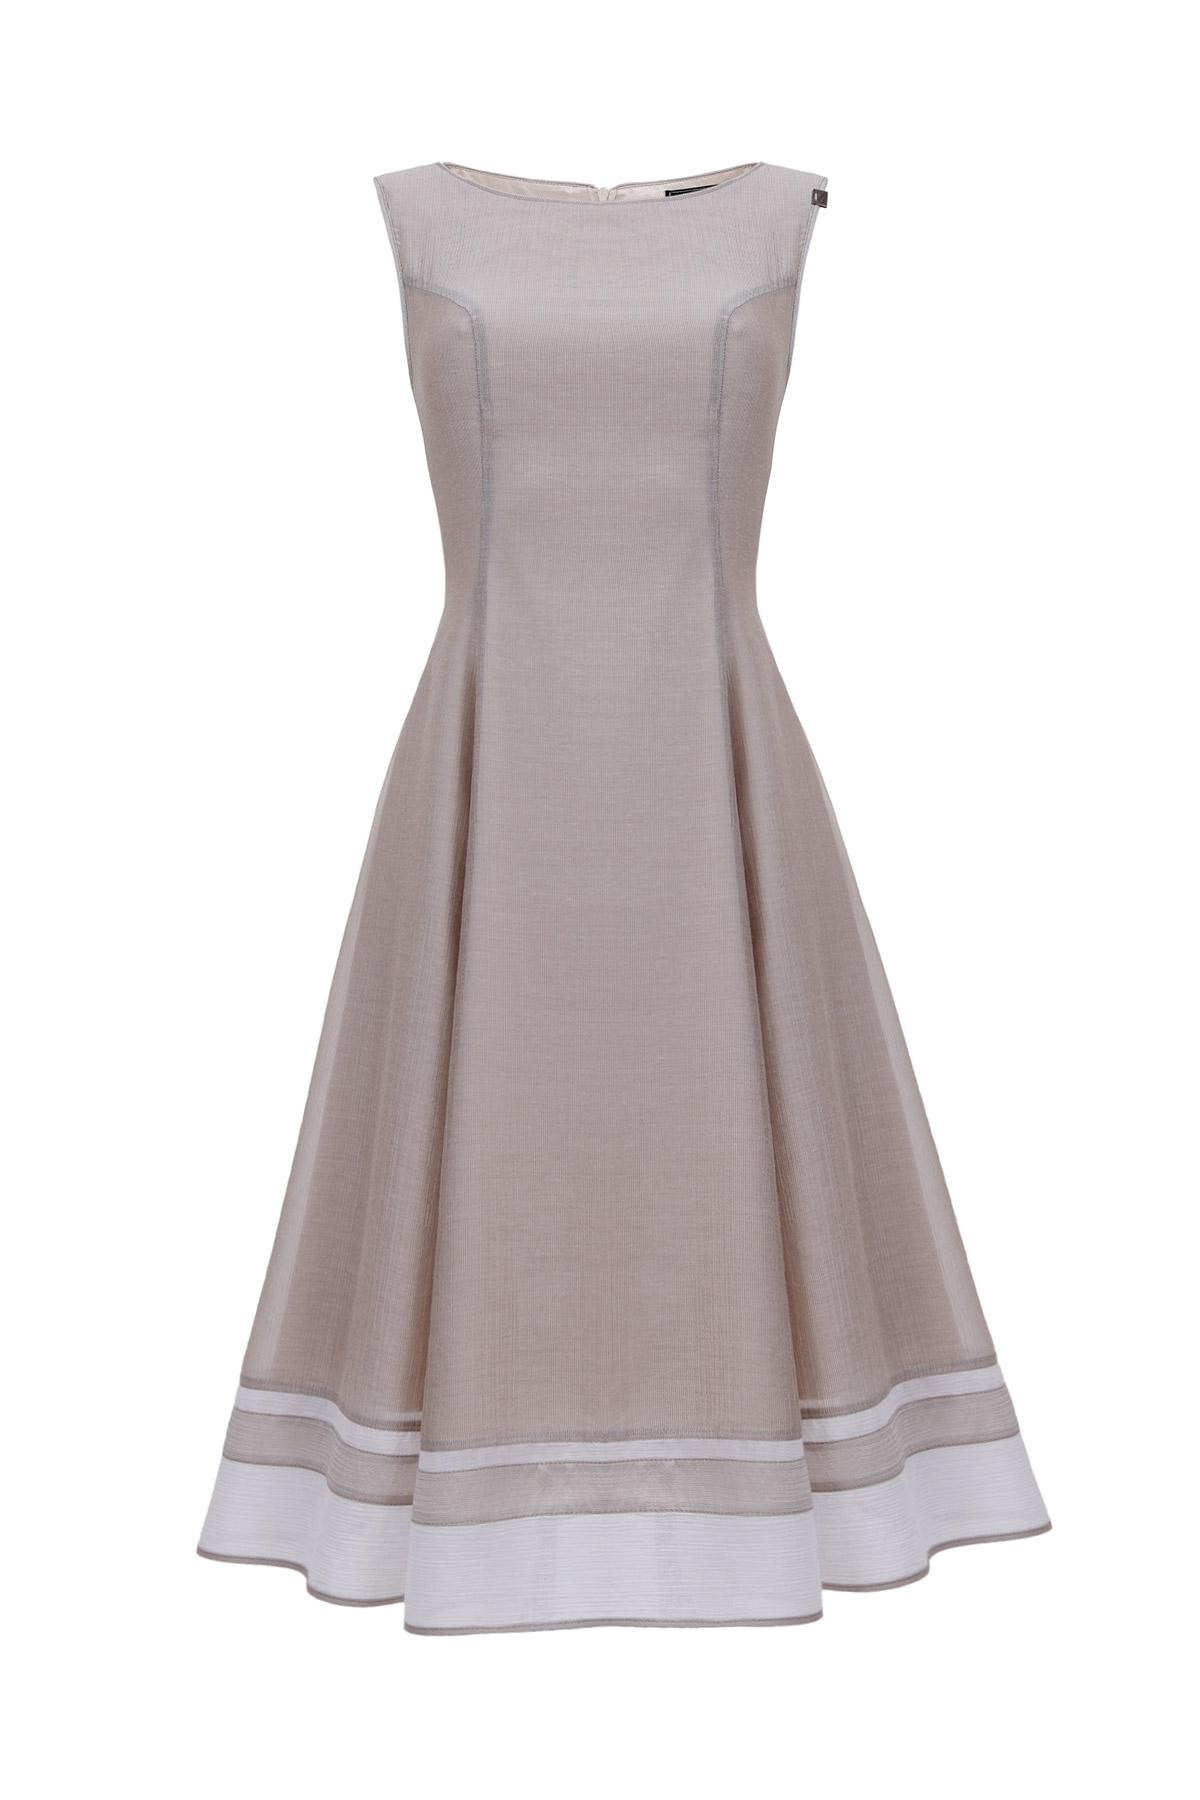 WIDE DRESS SARA 2